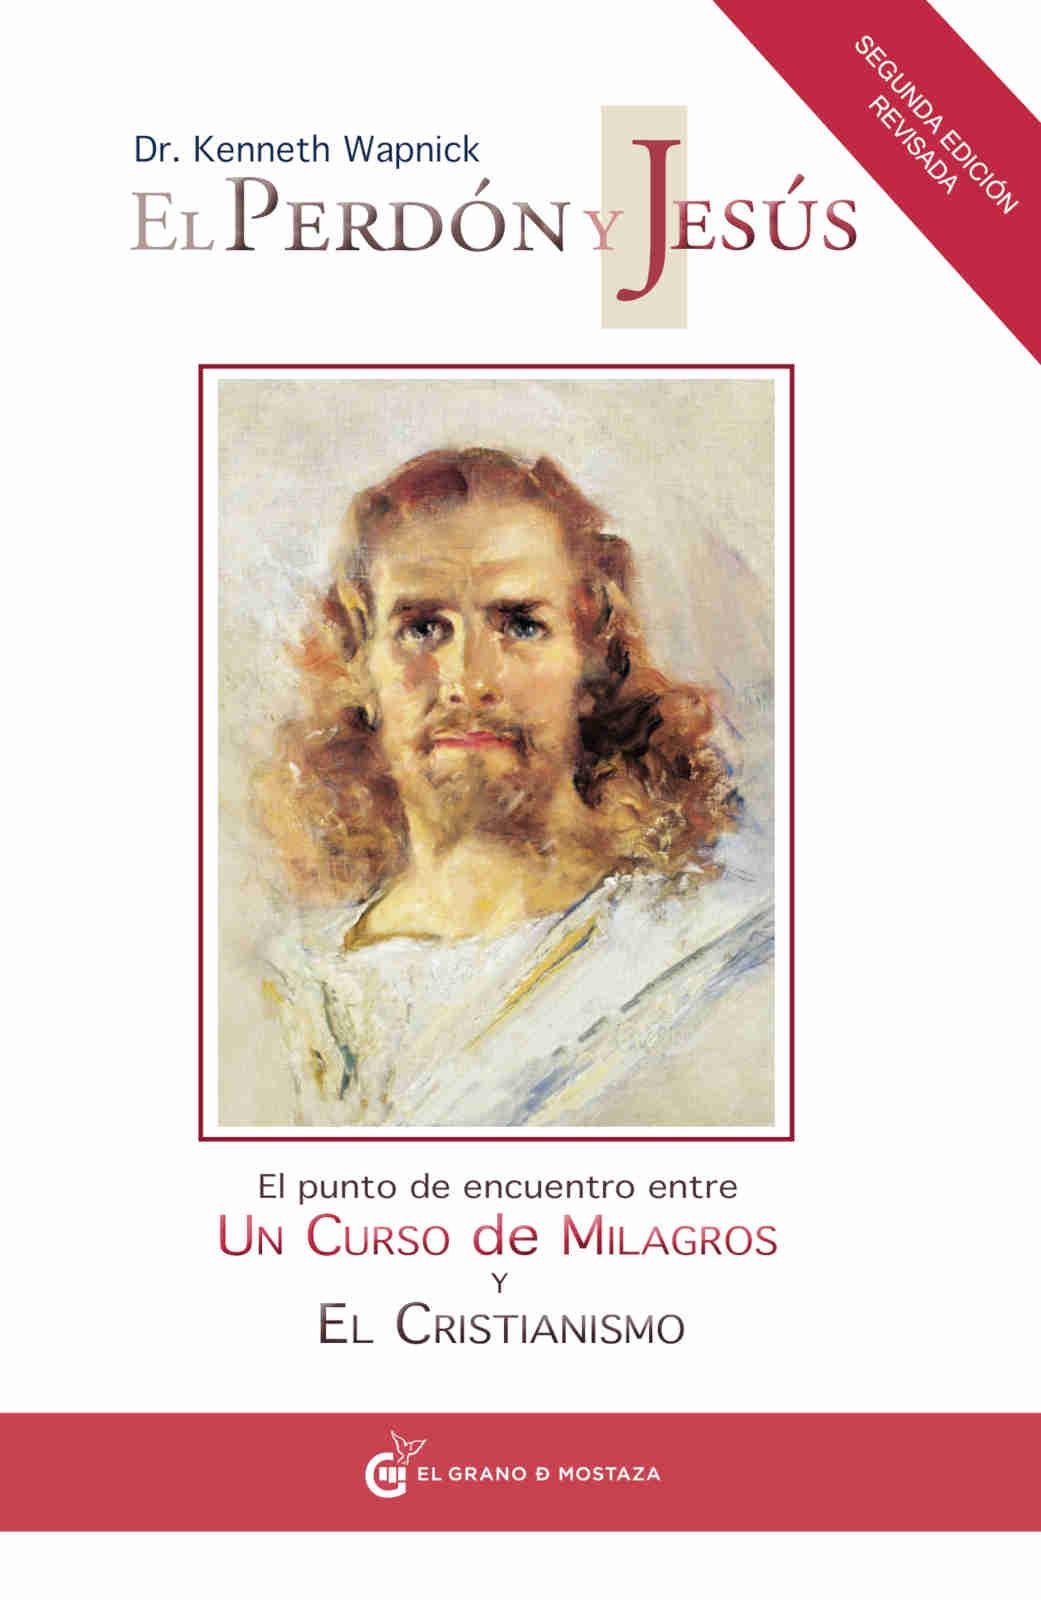 EL PERDON Y JESUS